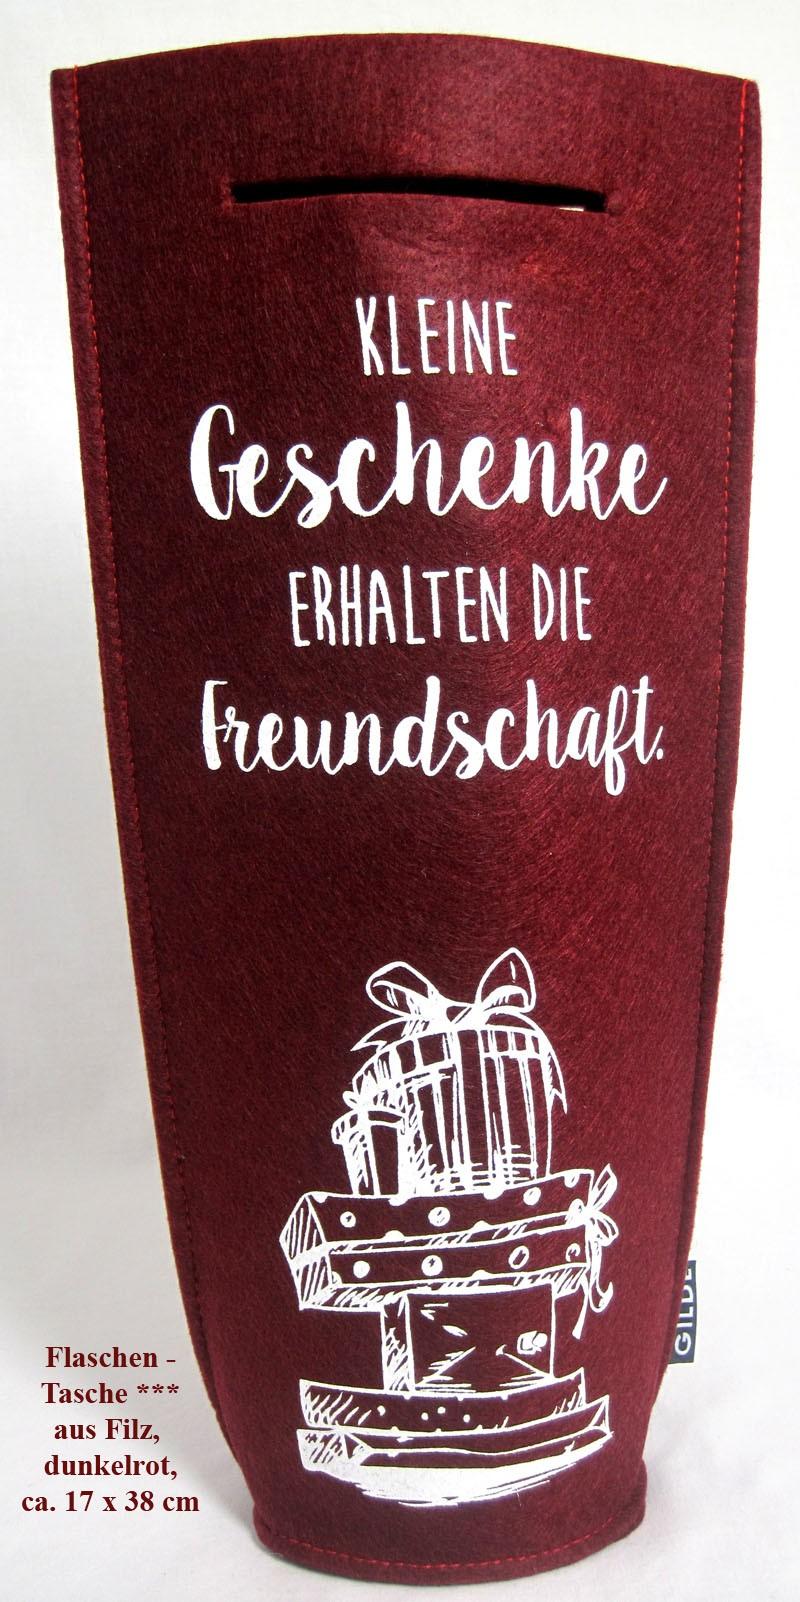 Getränke Flaschentasche aus Filz mit Griff, dunkelrot ca. 38x17 cm (HxB)